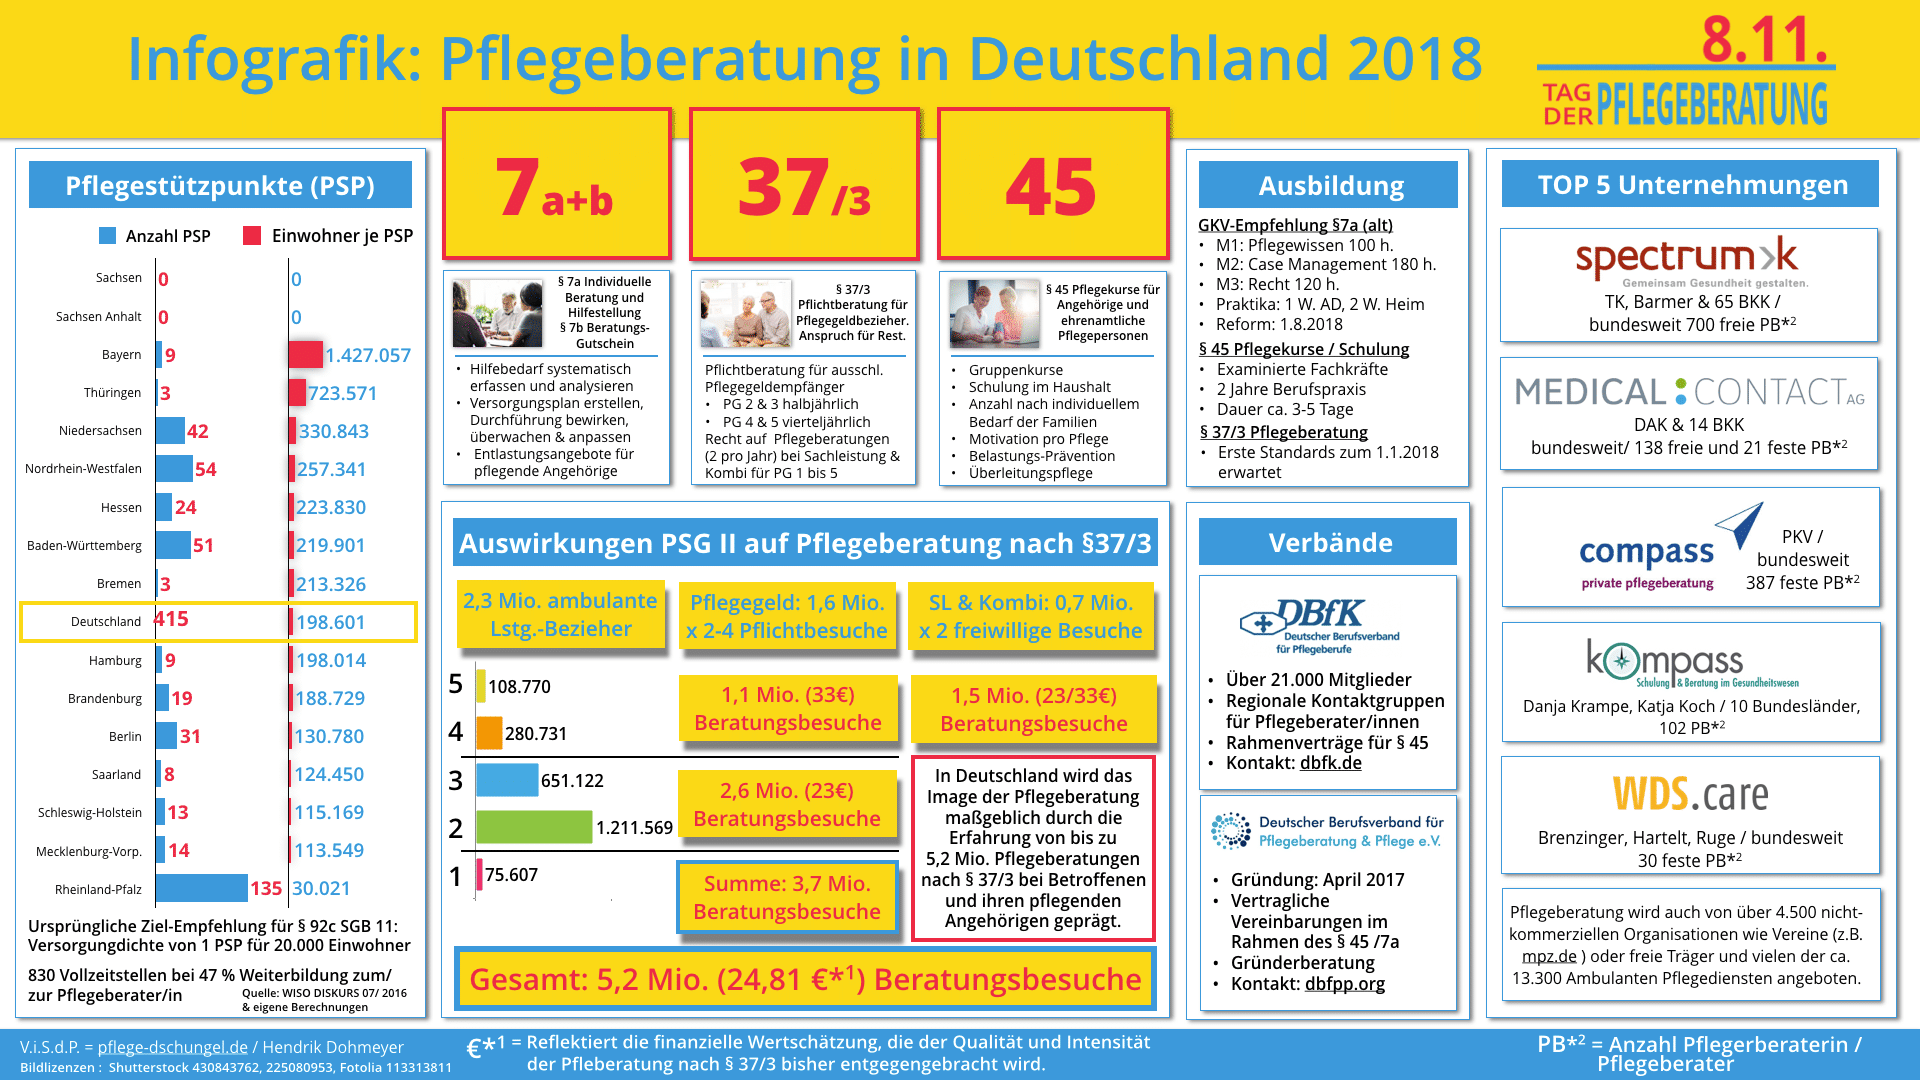 Infografik zu Pflegeberatung